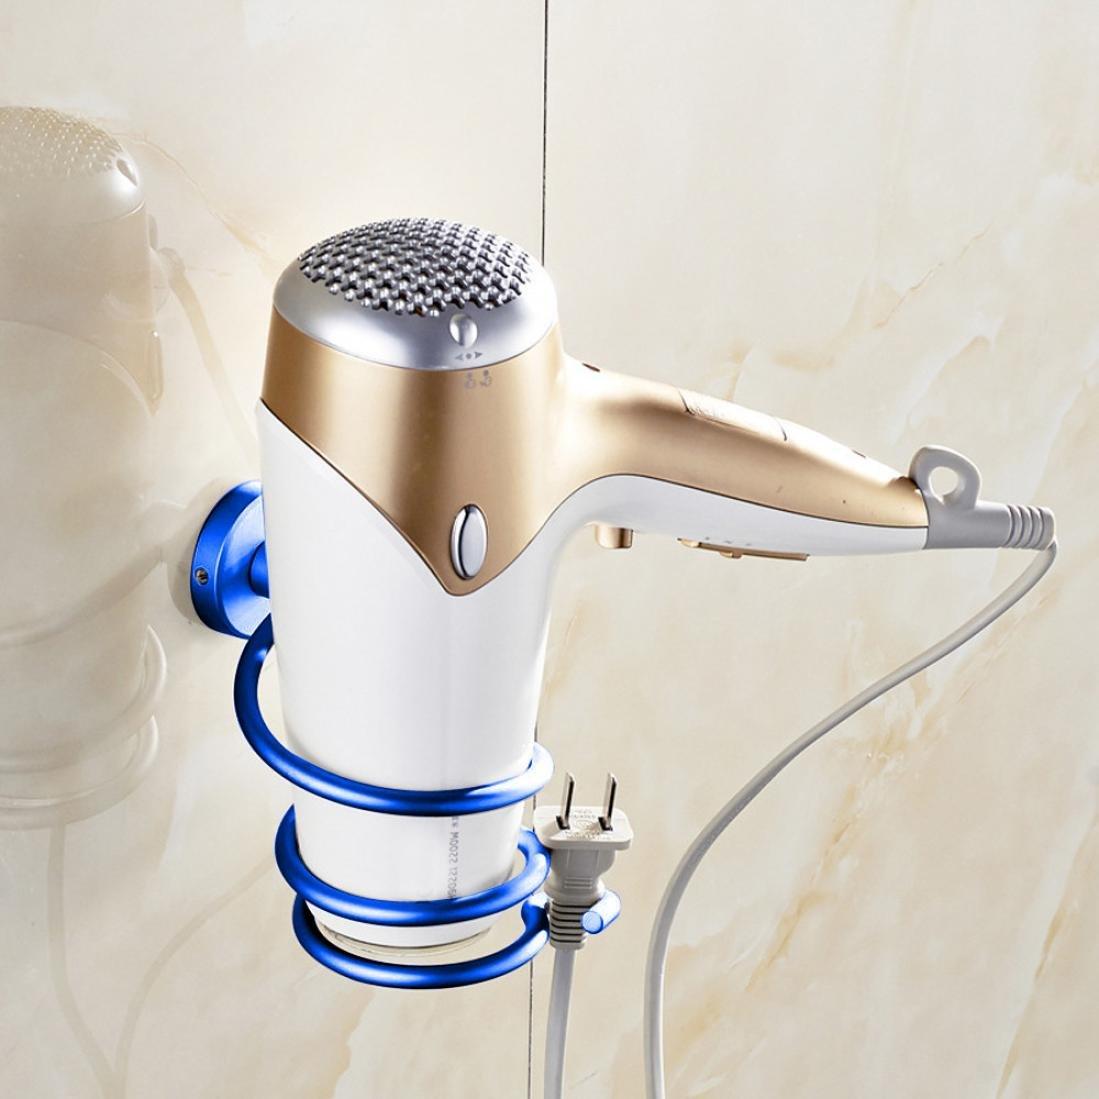 【数量は多】 Lipingバスルーム棚ヘアドライヤー実用的アルミタイプnon-traceスティック壁浴室アクセサリー用デコレーション B07D6QL75X ダークブルー B07D6QL75X, zakka OLIVE:72399f8e --- mvd.ee